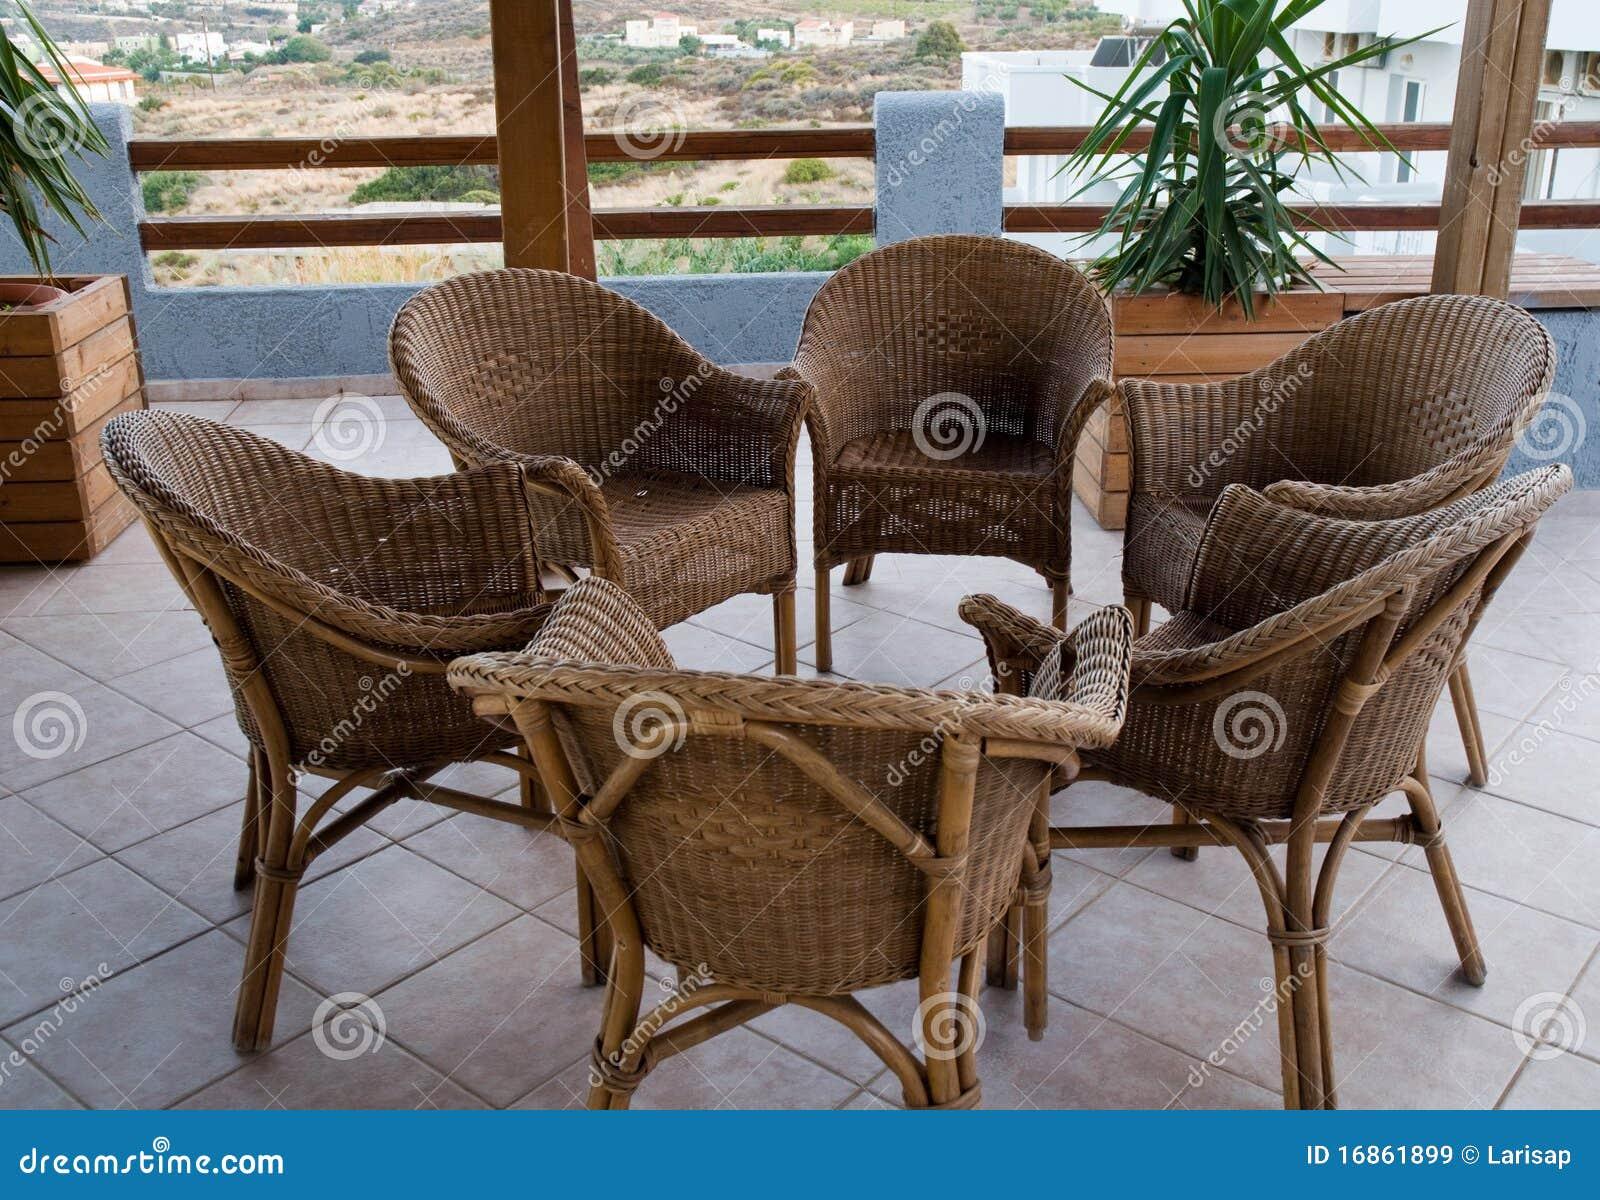 Cadeiras de vime no balcão.